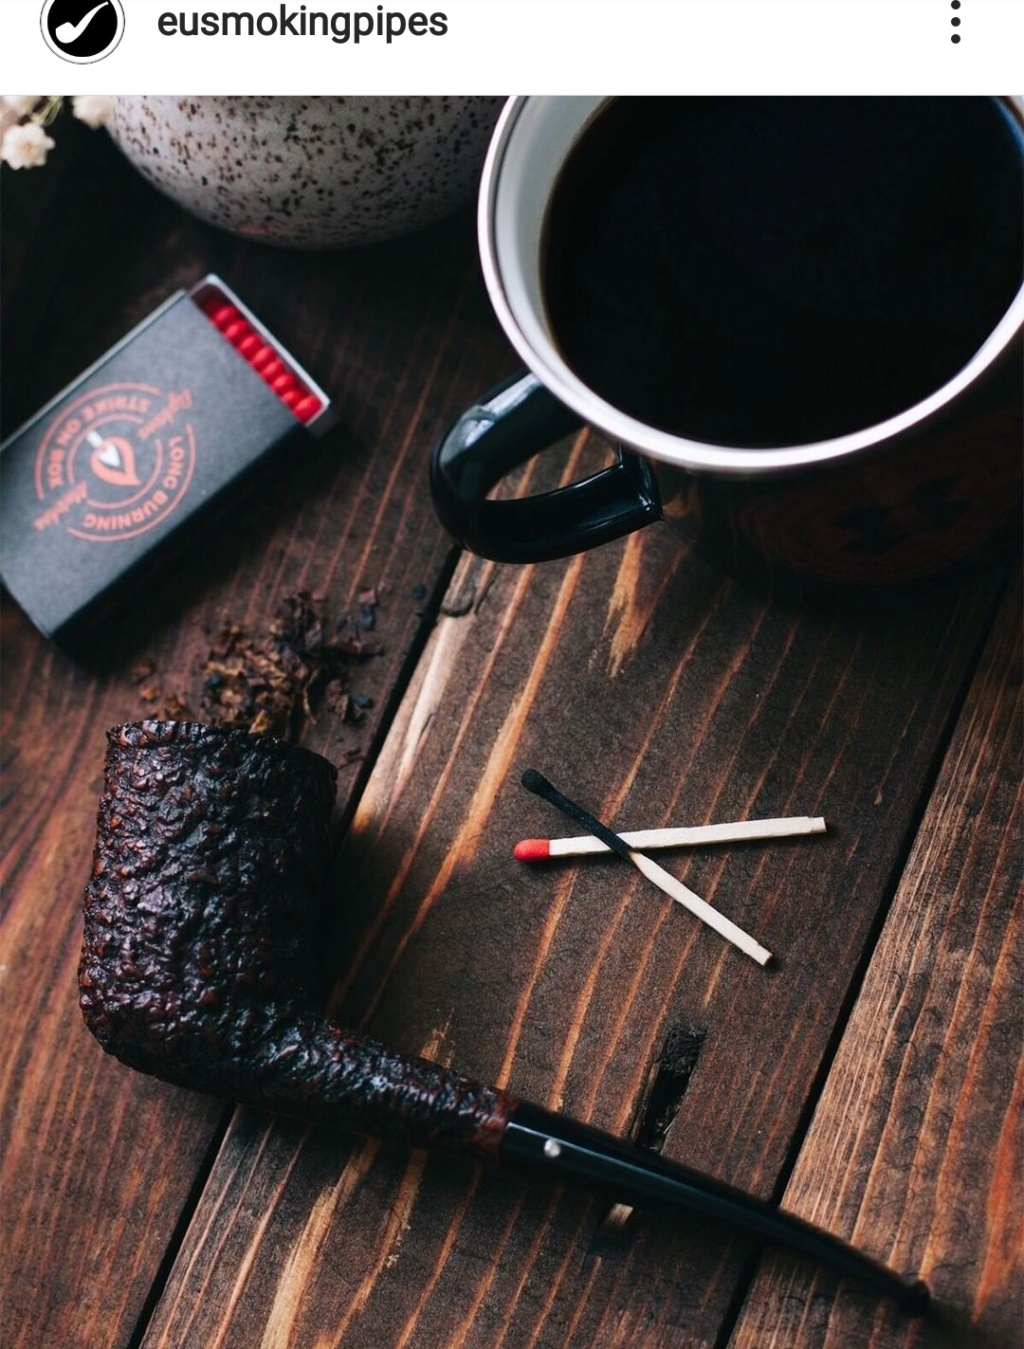 On commence la semaine avec pipe et café.  Img_2290